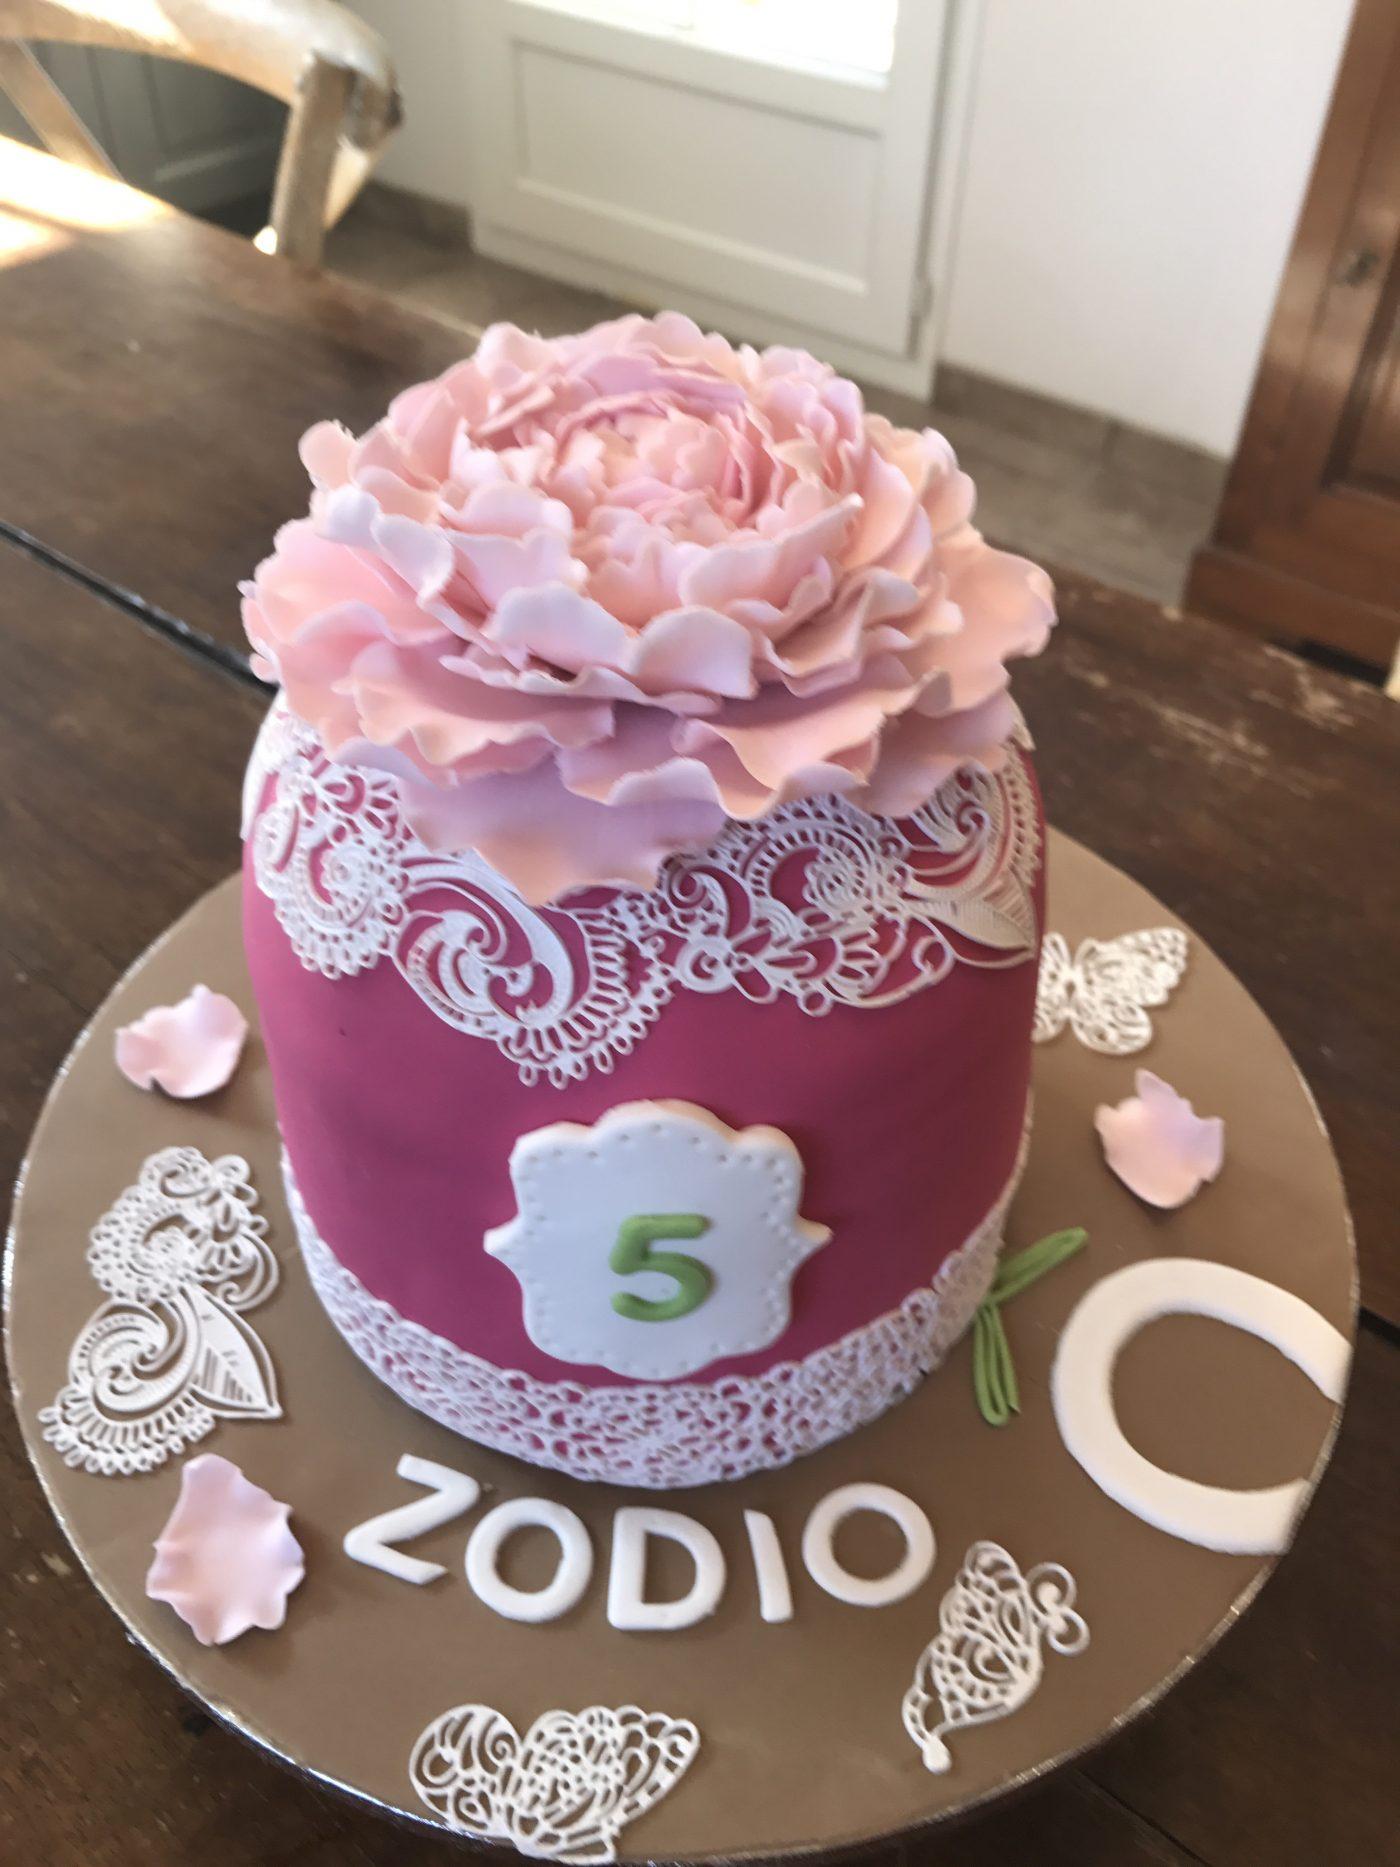 Ma participation à l'anniversaire Zodio Avignon